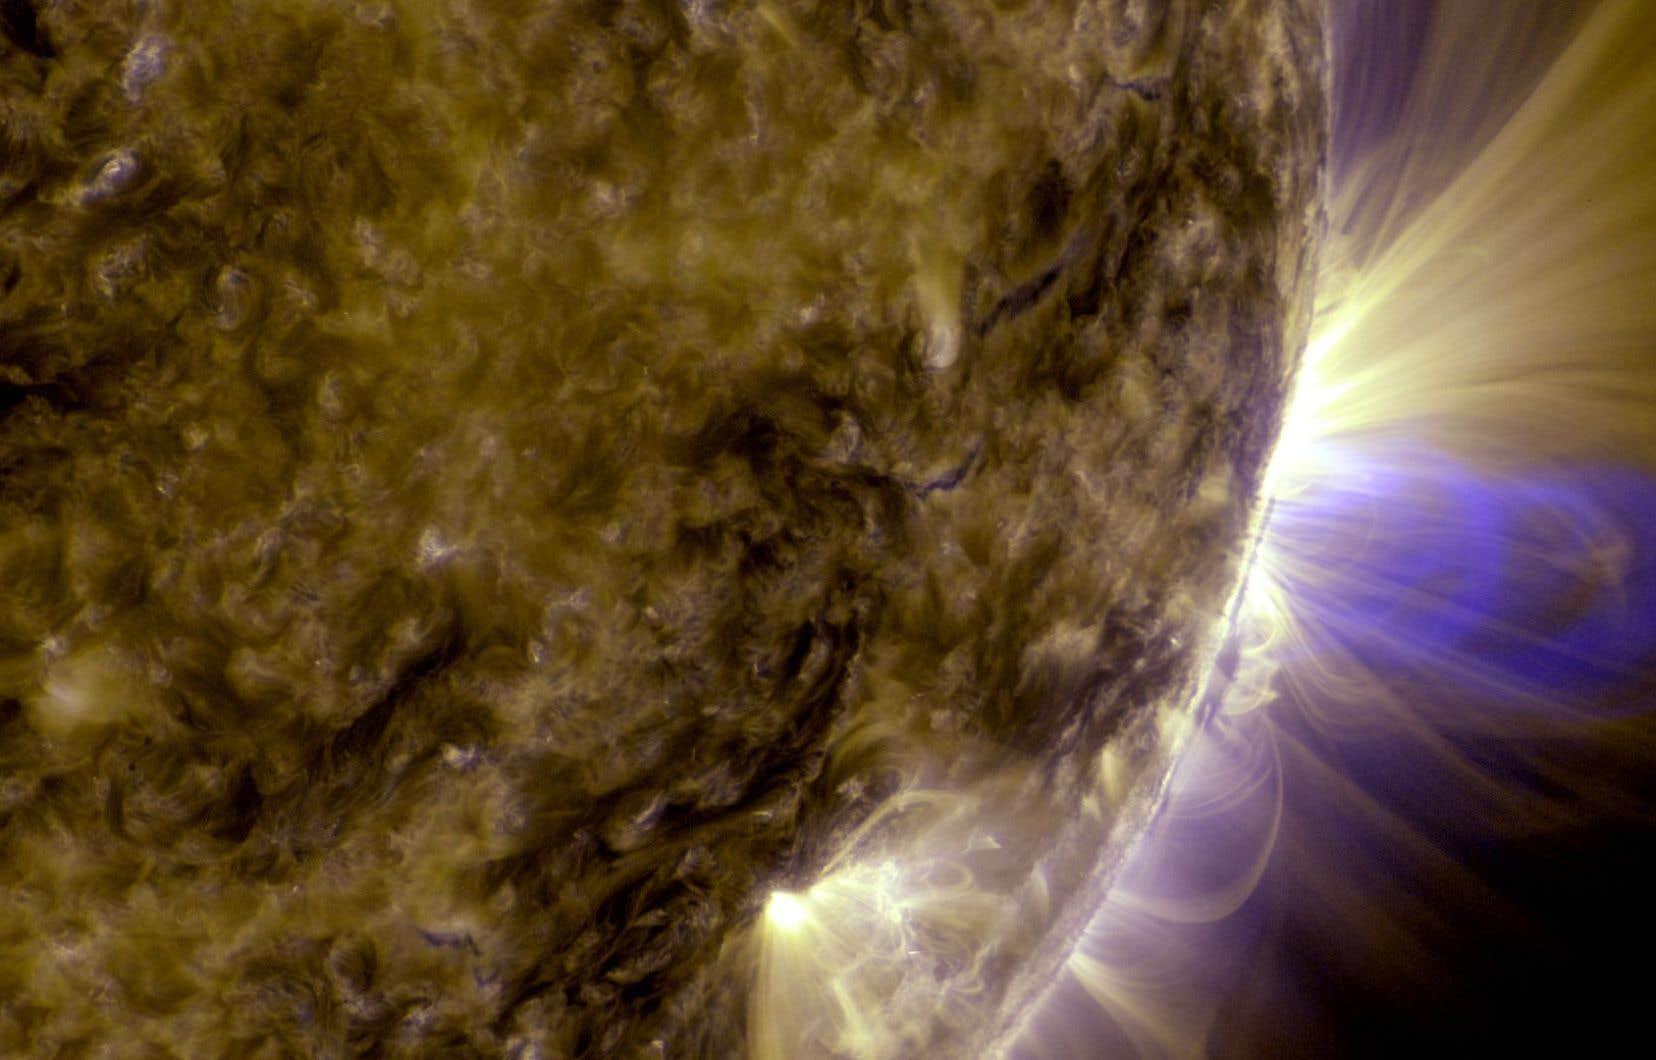 Le champ magnétique du soleil oscille sur une période décennale. D'autres étoiles ont des cycles magnétiques allant d'une à plusieurs dizaines d'années.